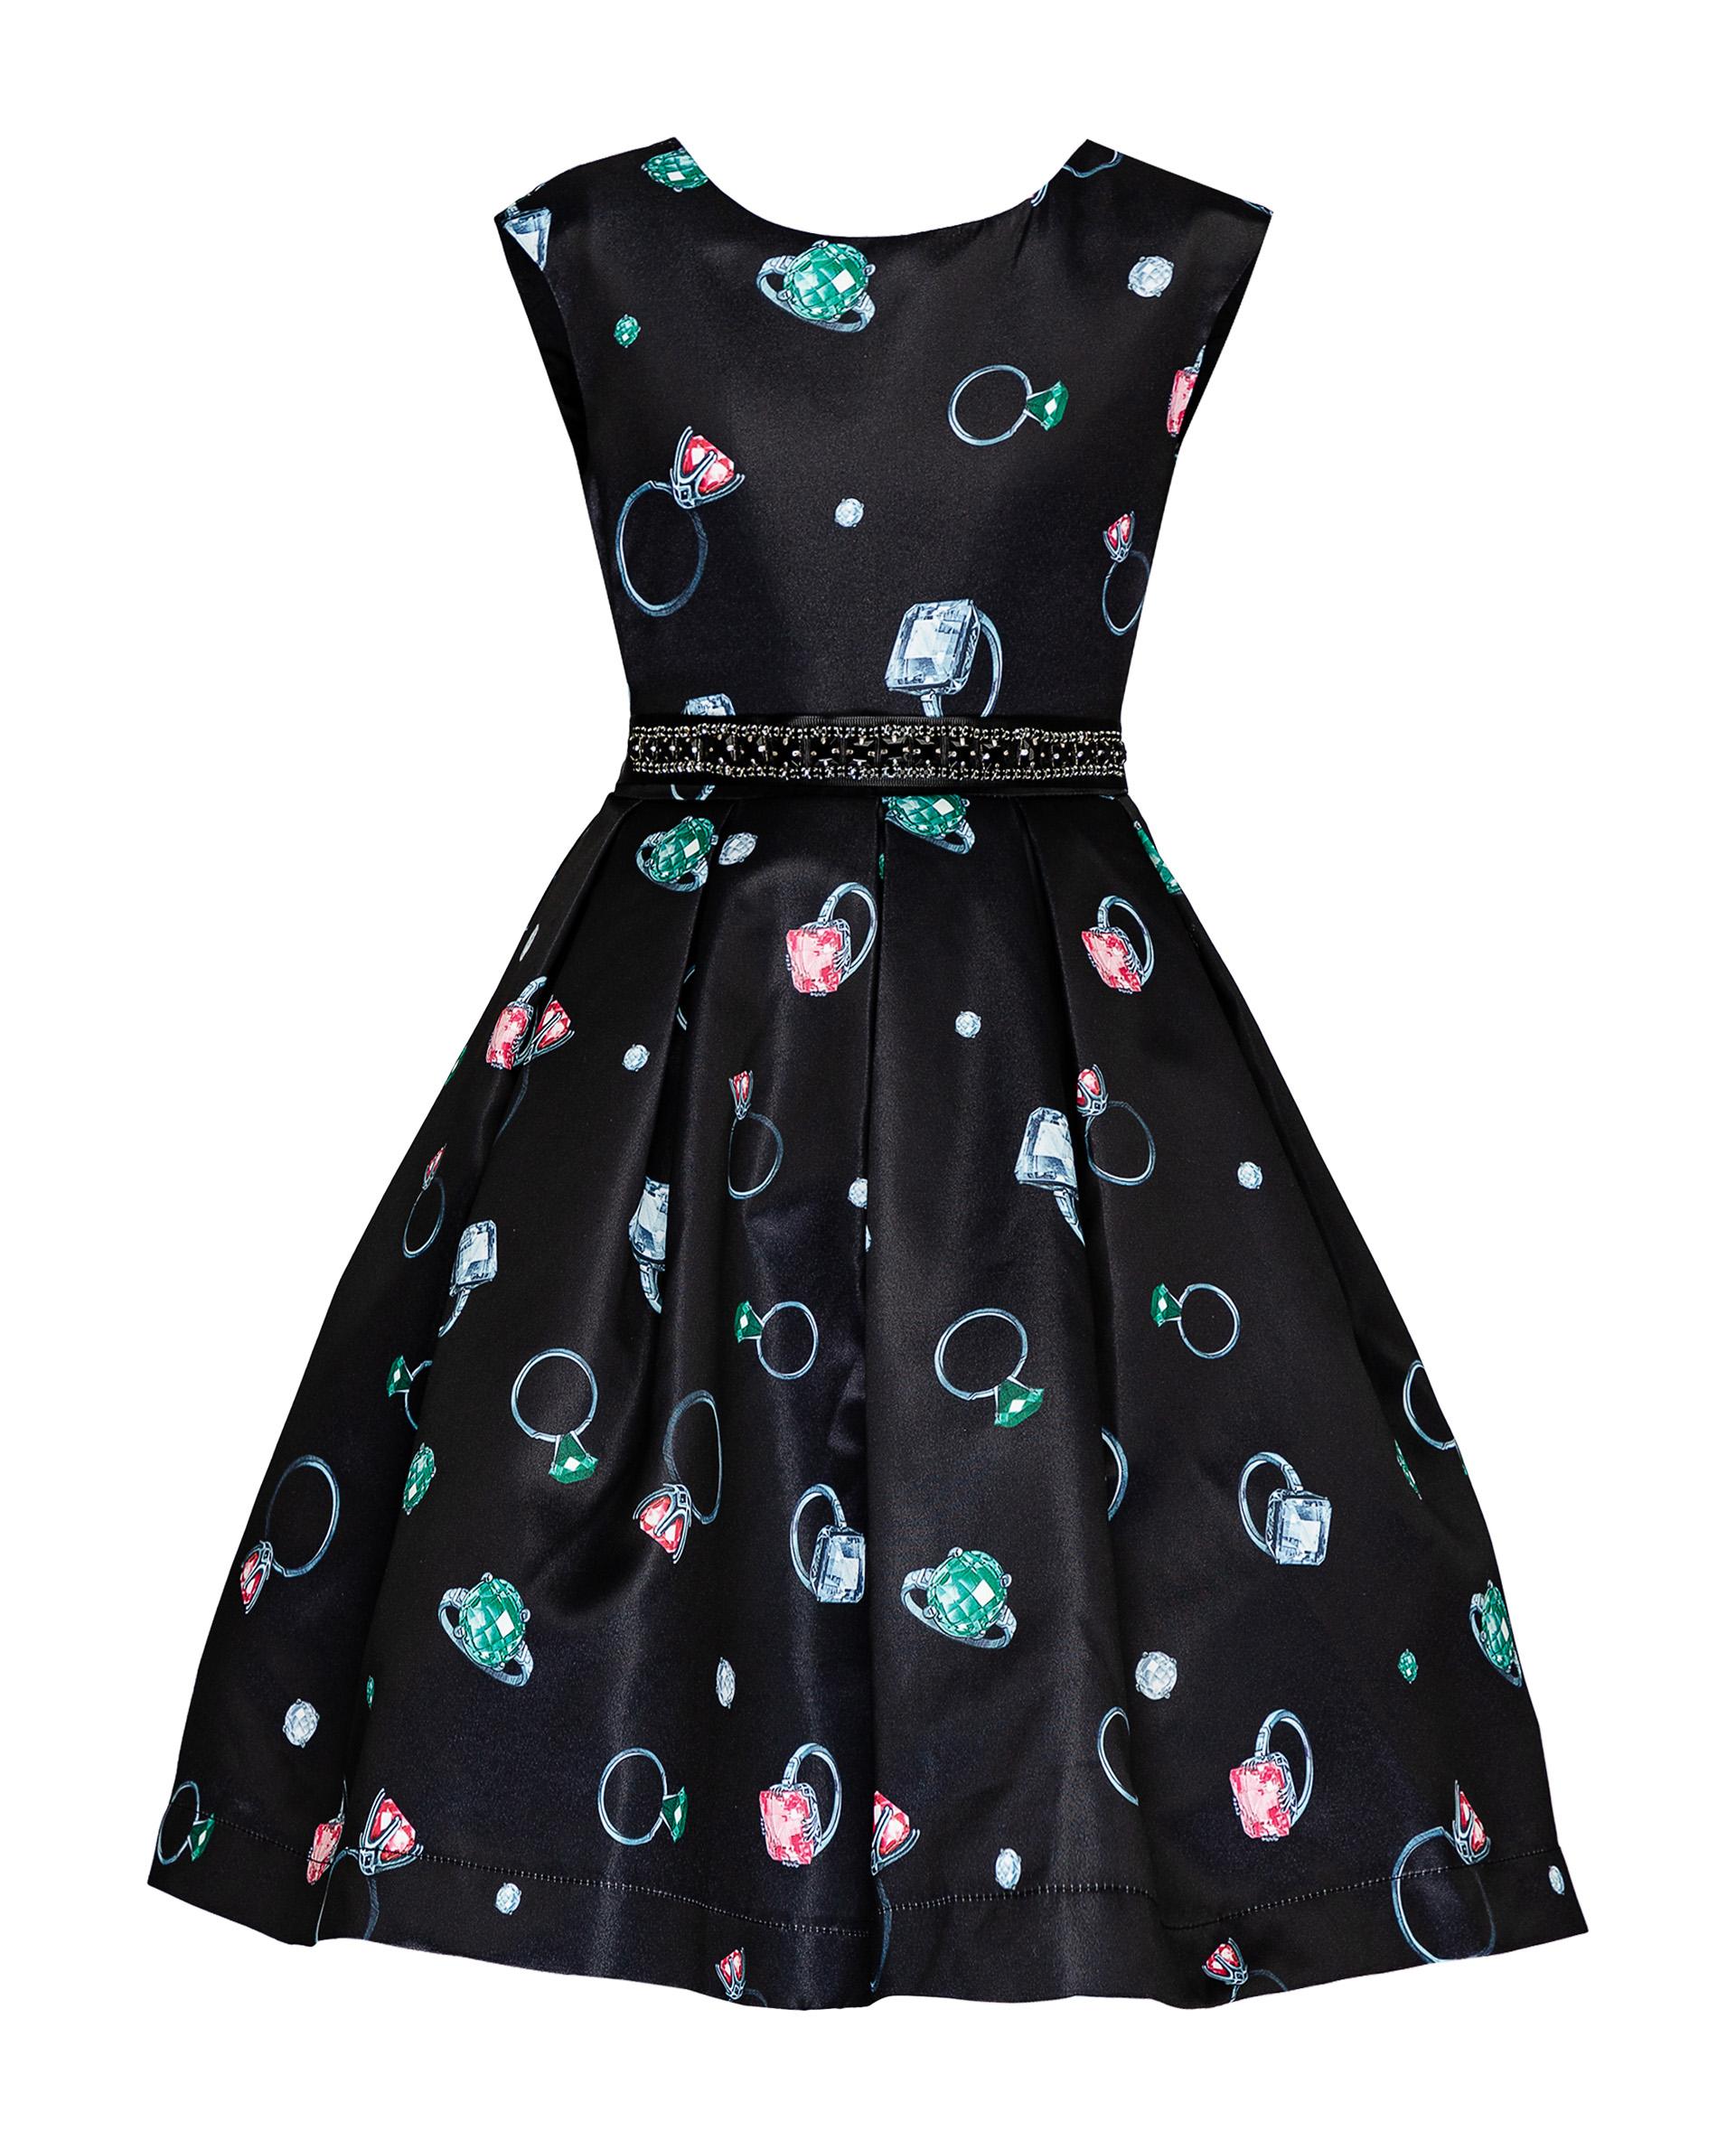 Купить 219GPGMC2503, Черное нарядное платье с орнаментом Gulliver, черный, 116, Женский, ОСЕНЬ/ЗИМА 2019-2020 (shop: GulliverMarket Gulliver Market)